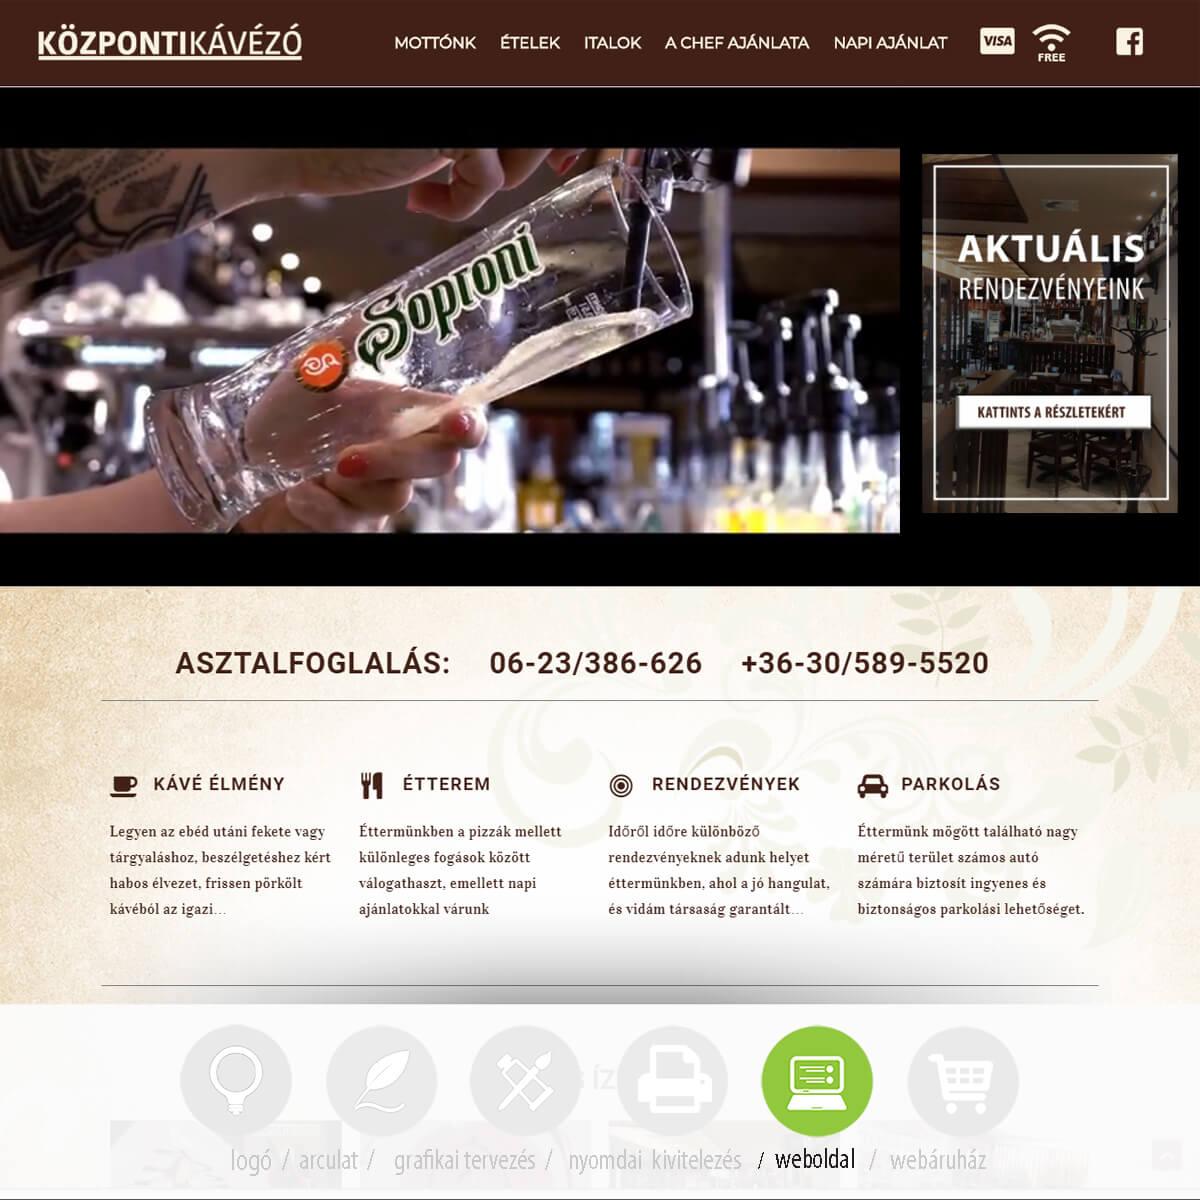 kozponti-kavezo-weboldal